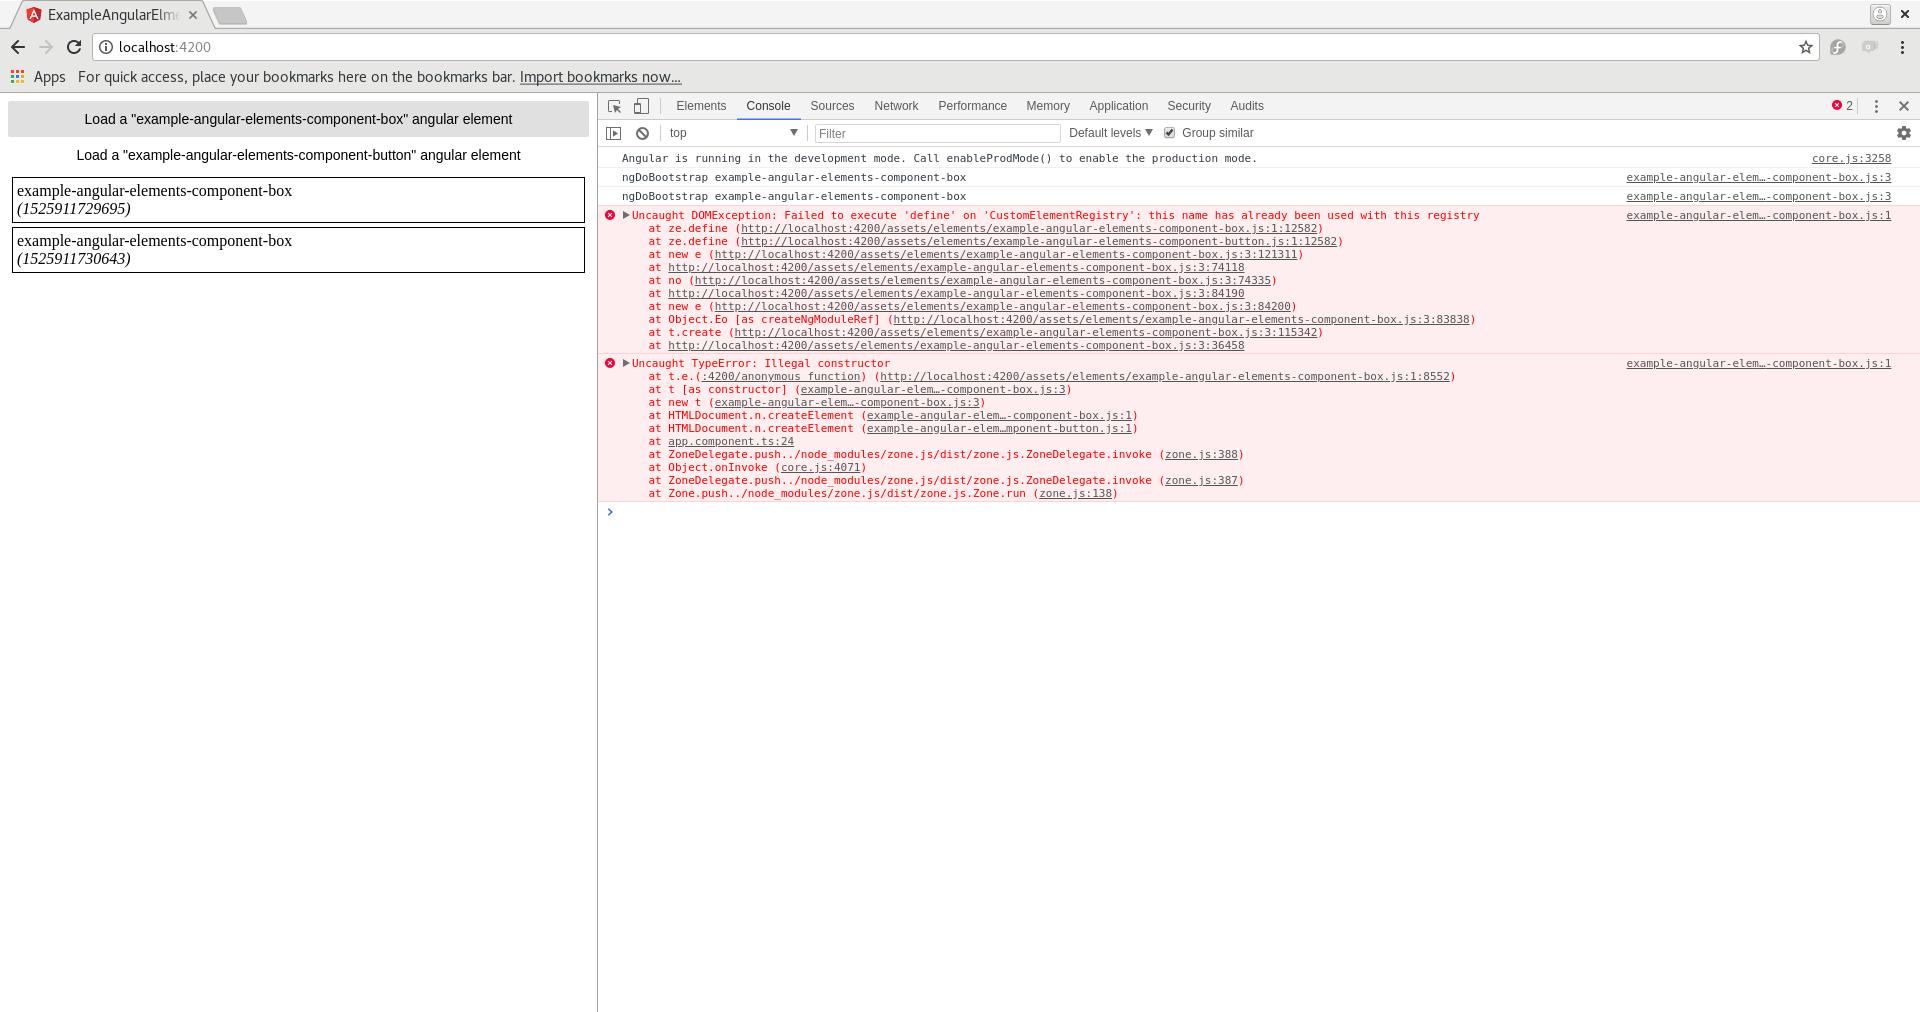 screenshot from 2018-05-09 19-26-06